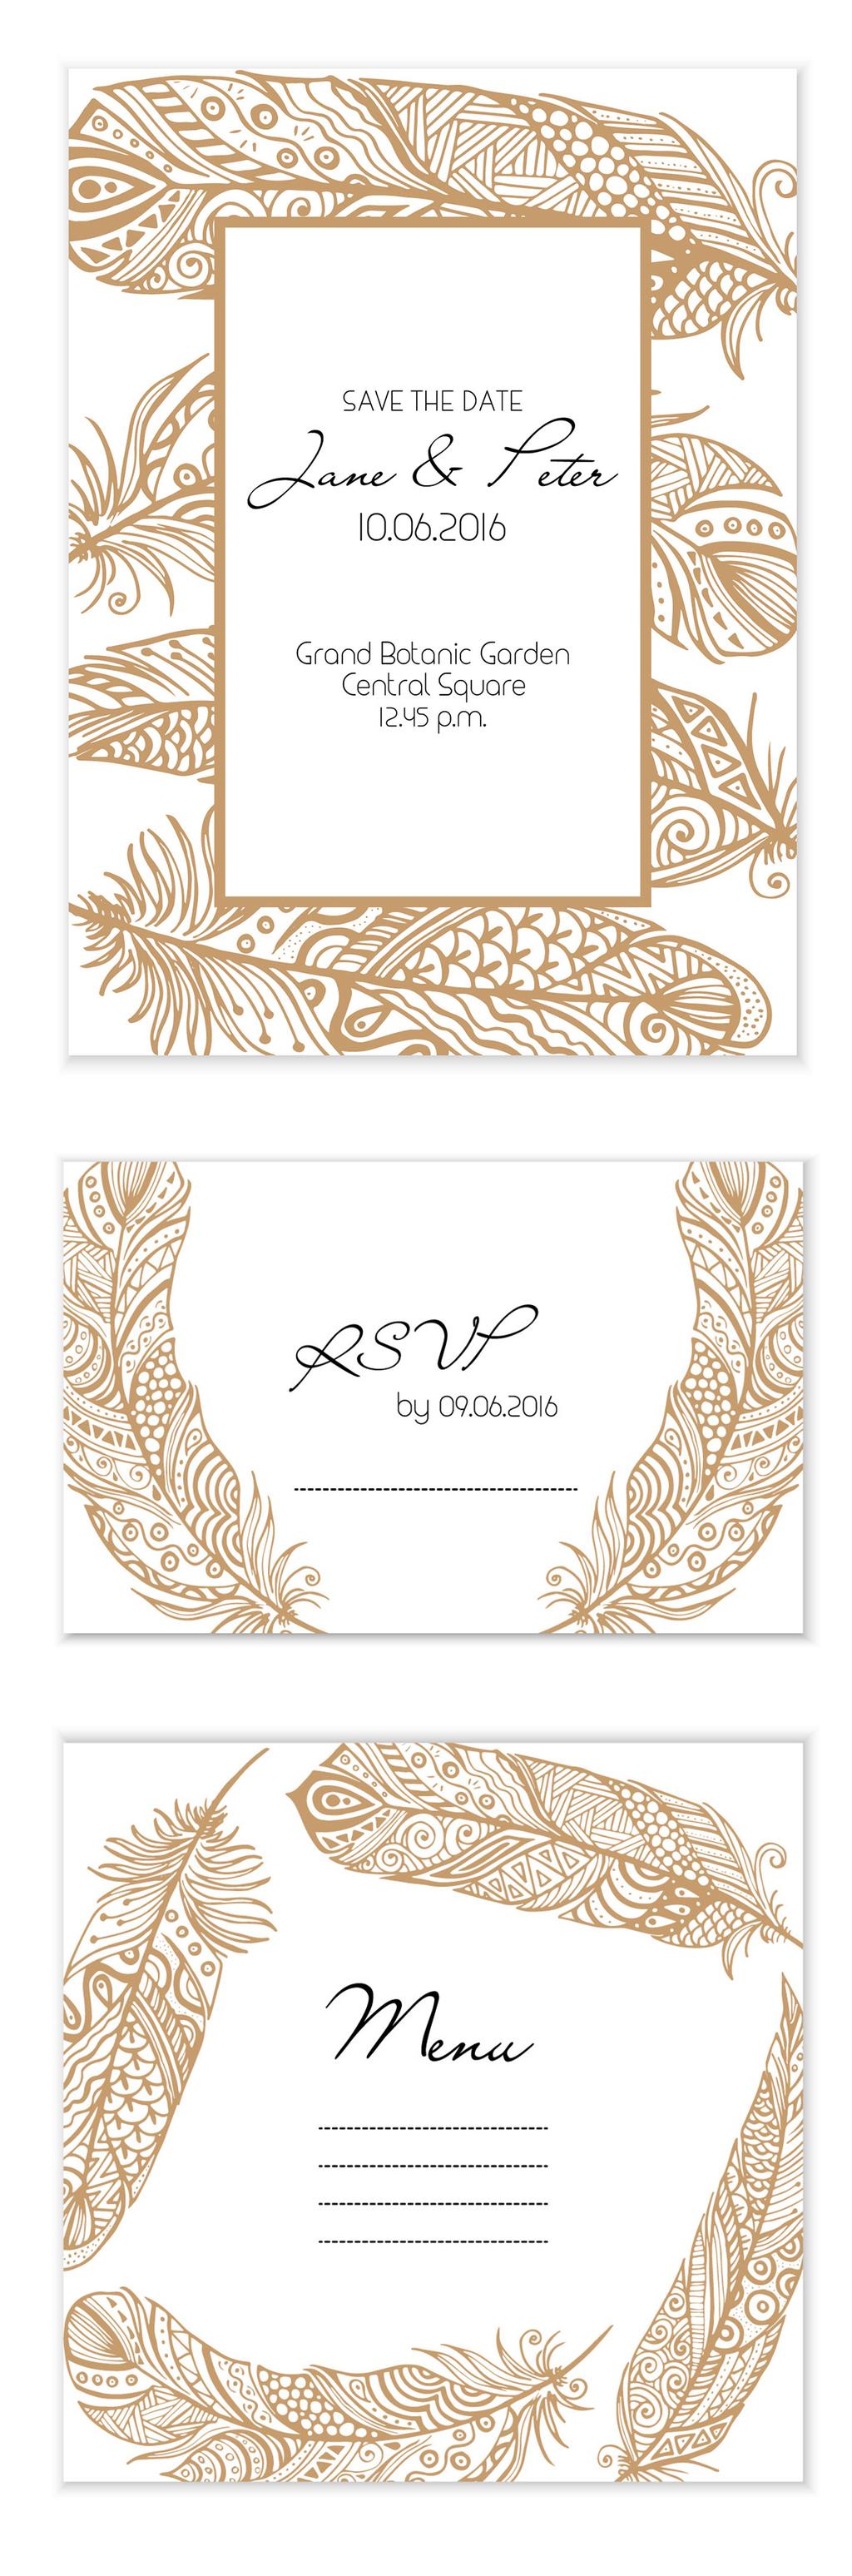 咖啡色手绘花纹边框请柬贺卡矢量素材